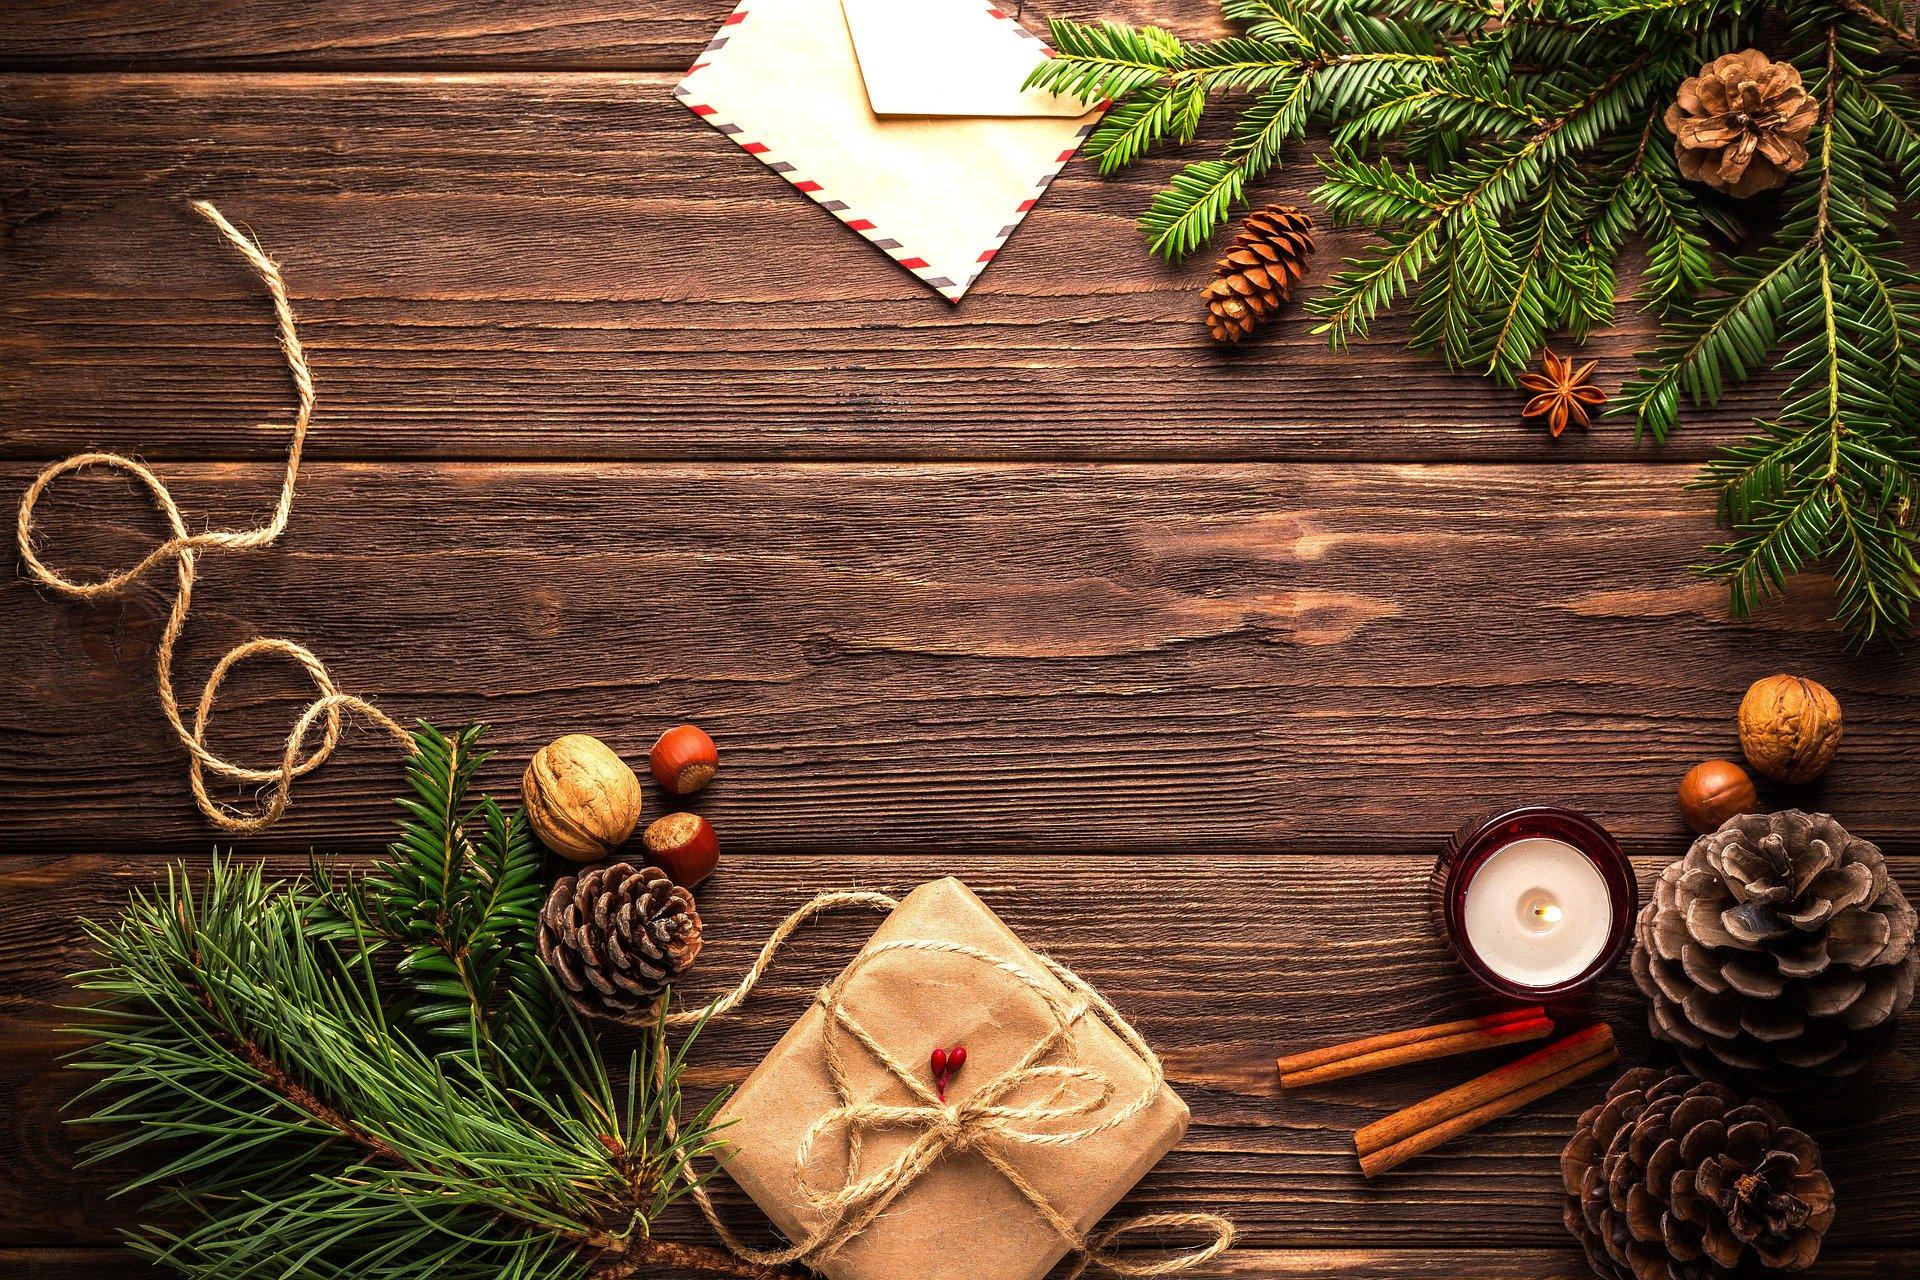 Pihend ki a karácsonyi időszak fáradalmait – most 15 000 Ft értékű utalvánnyal lepünk meg!